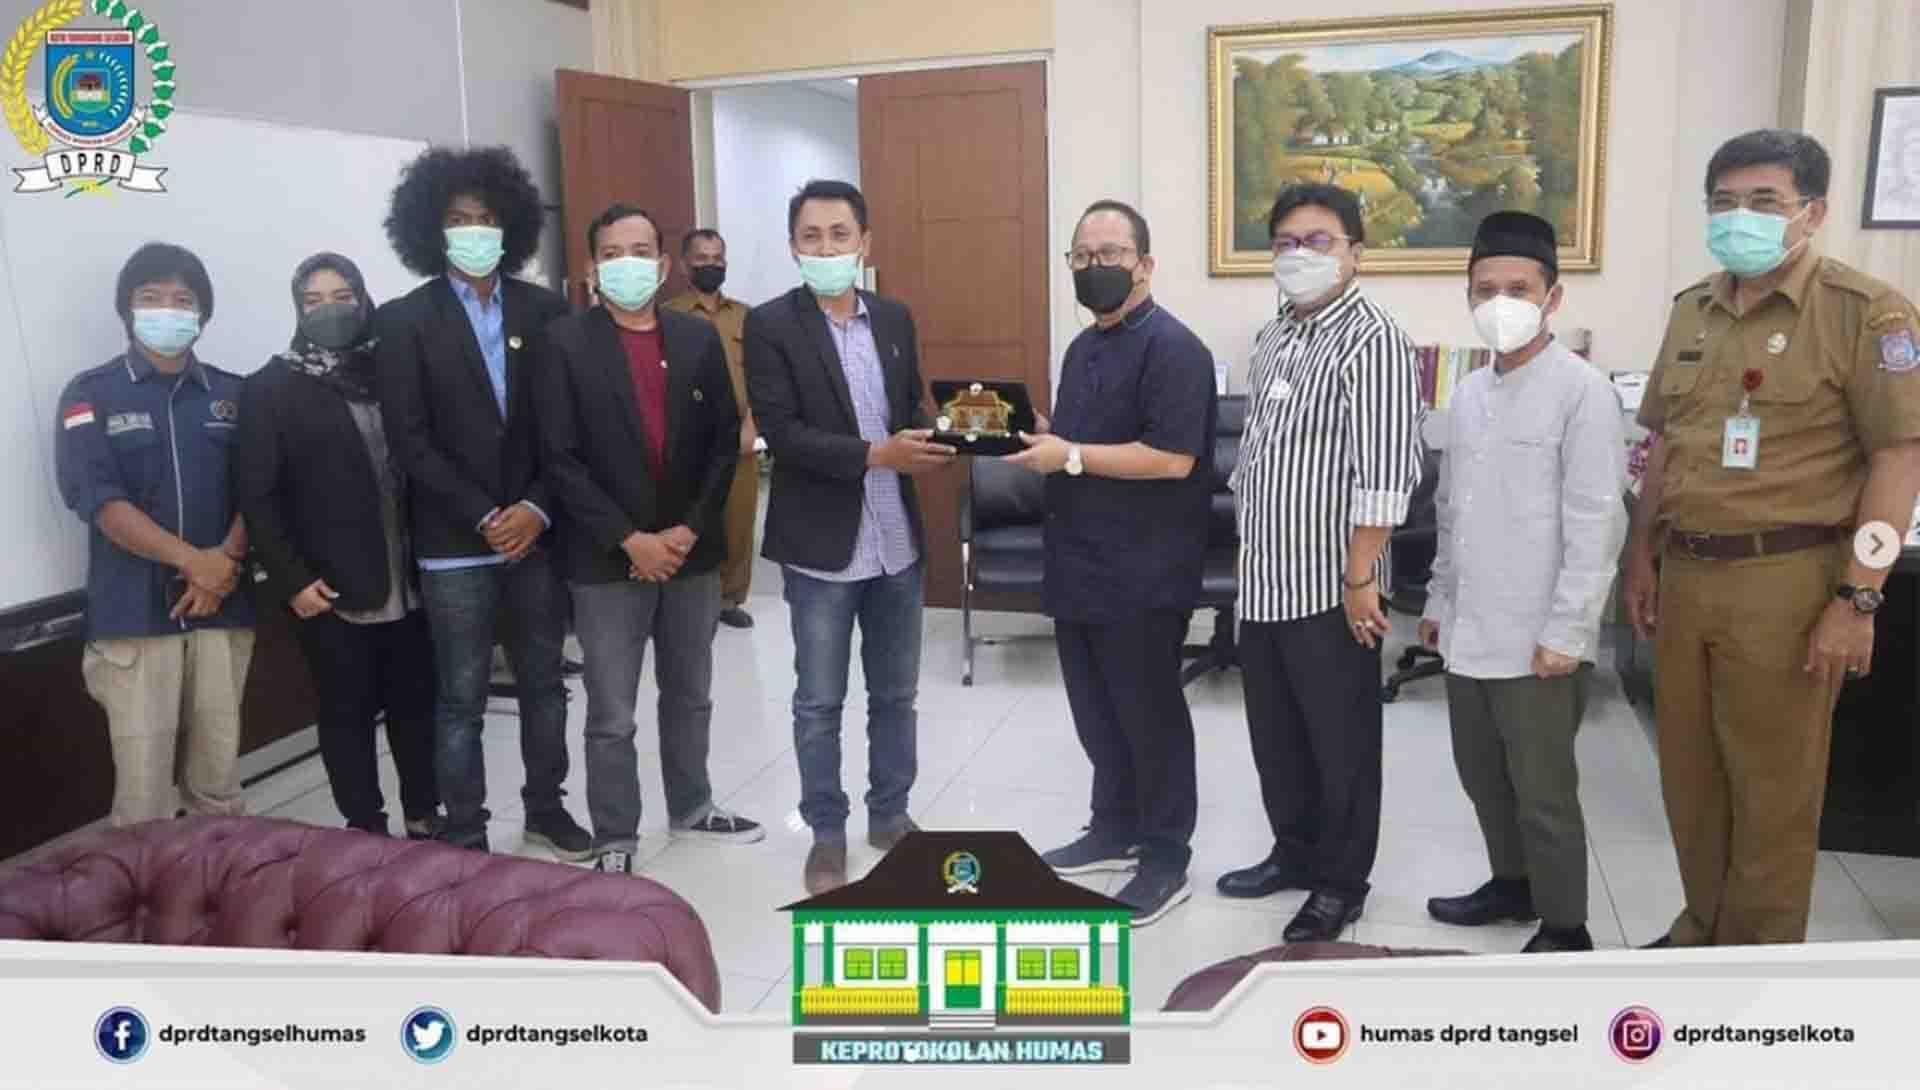 Pimpinan DPRD menerima Audiensi dari PWI Kota Tangerang Selatan